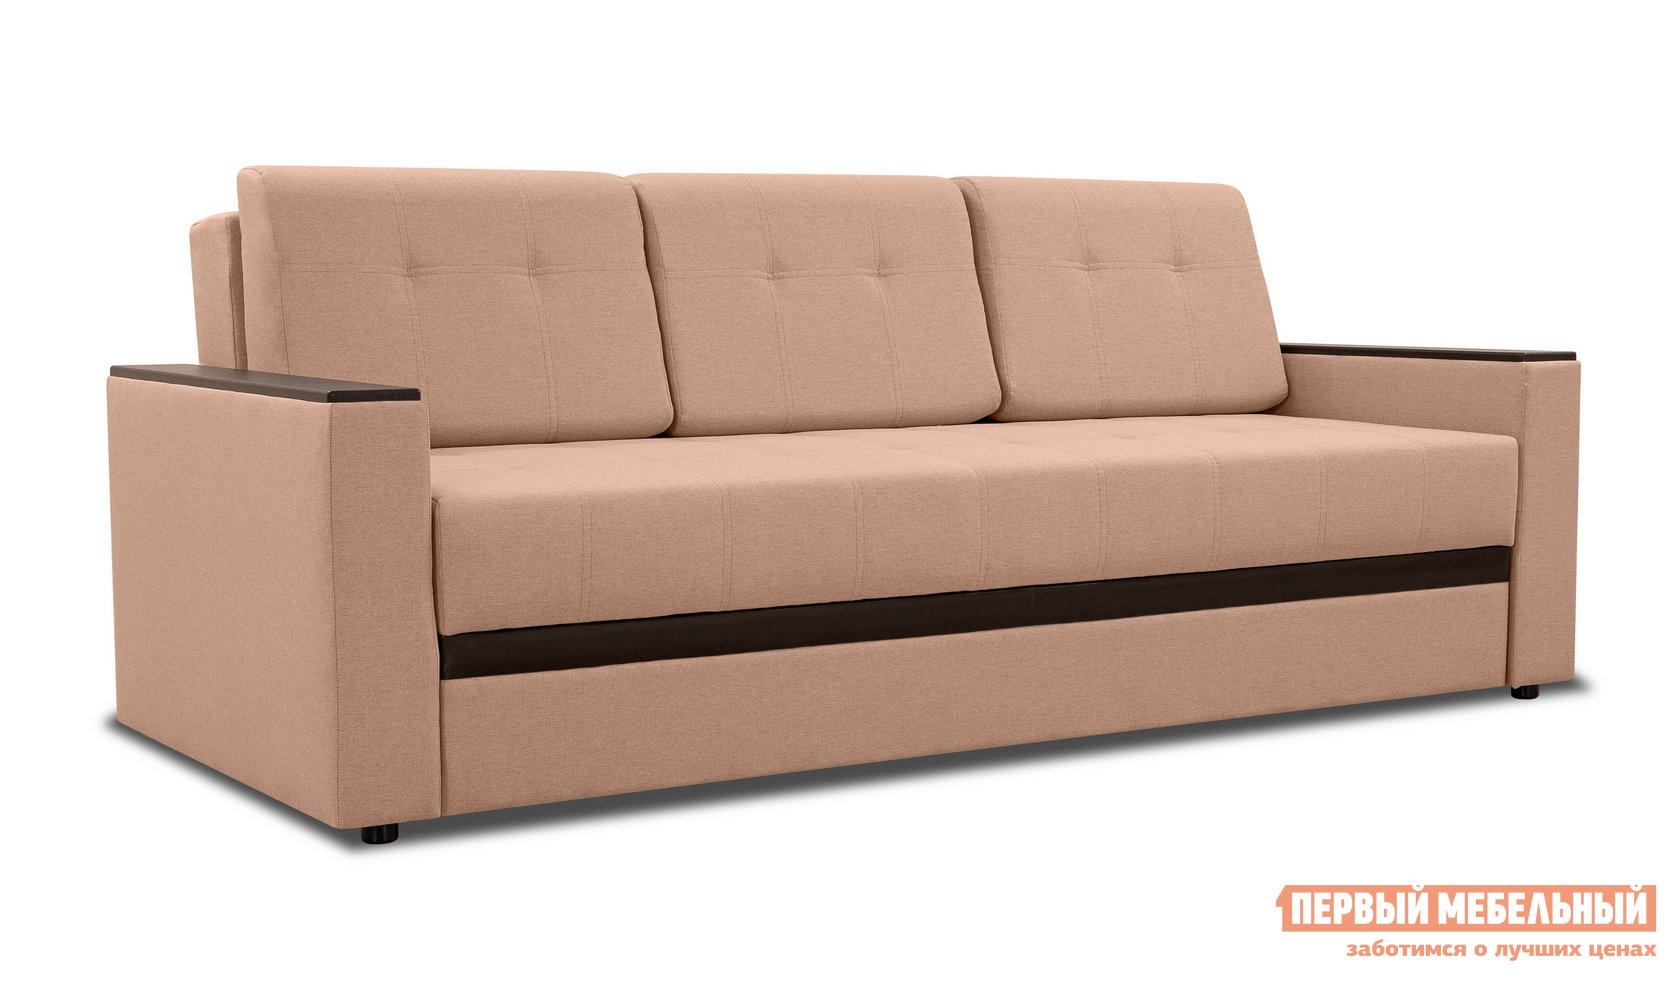 Диван-кровать Клинская мебельная компания Атланта прямой